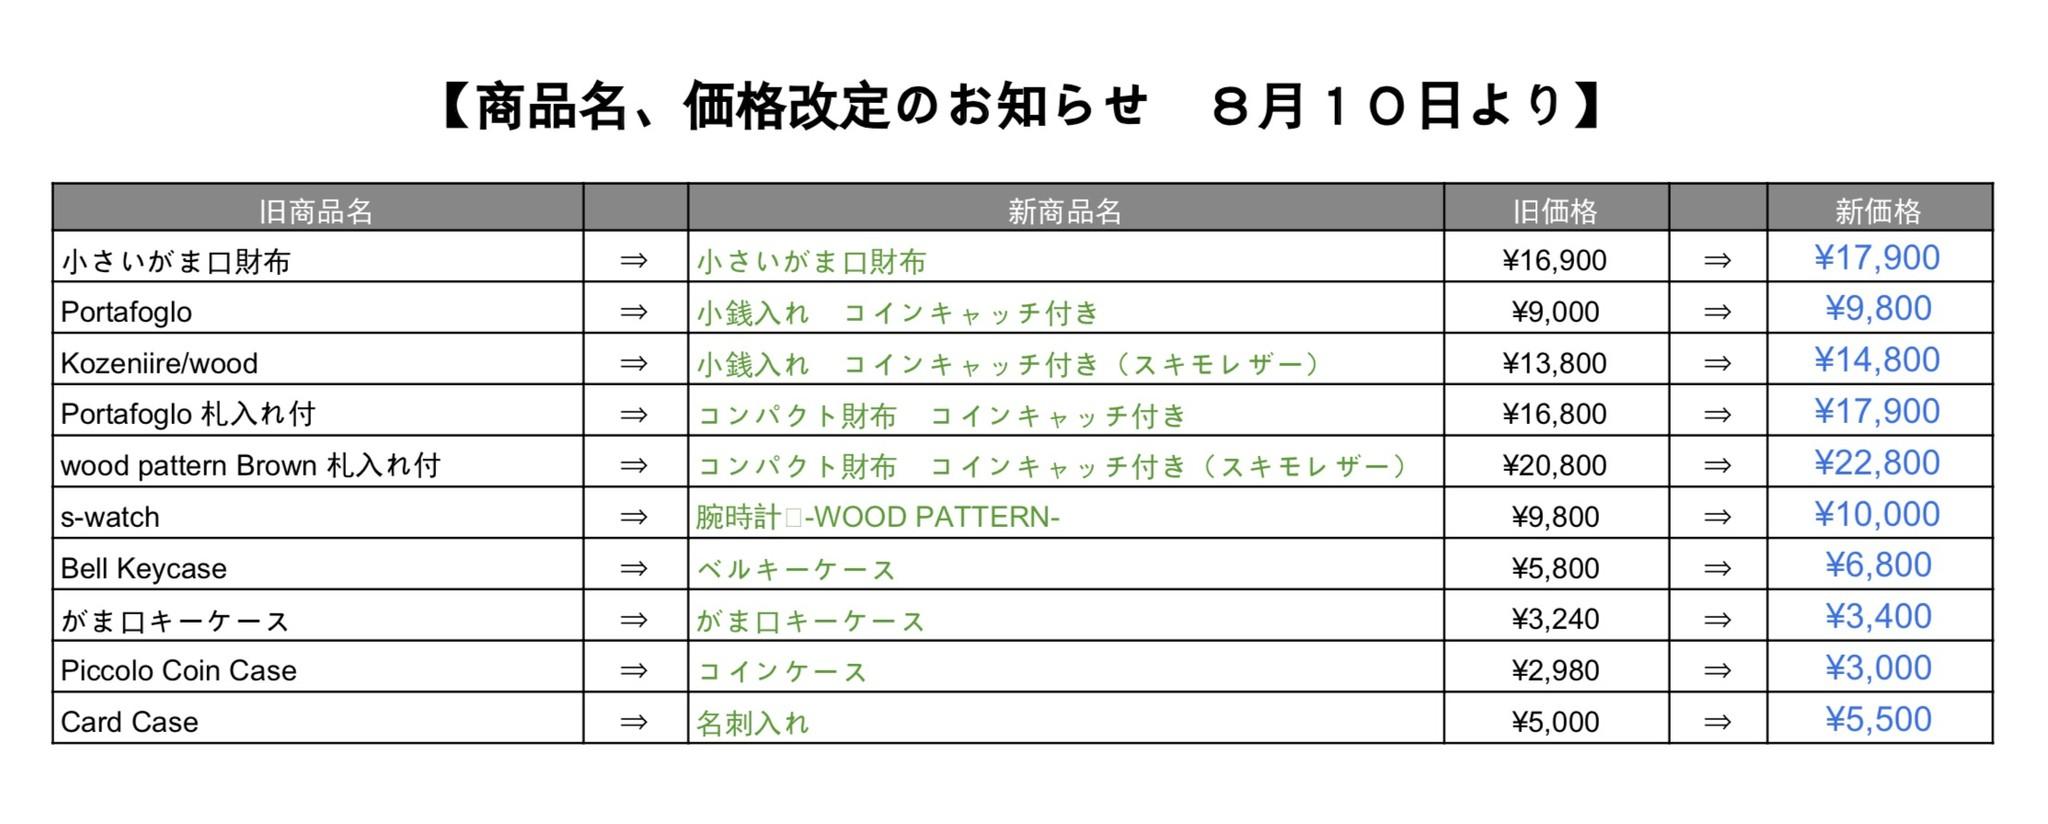 【商品名、価格改定のお知らせ 8月10日より】